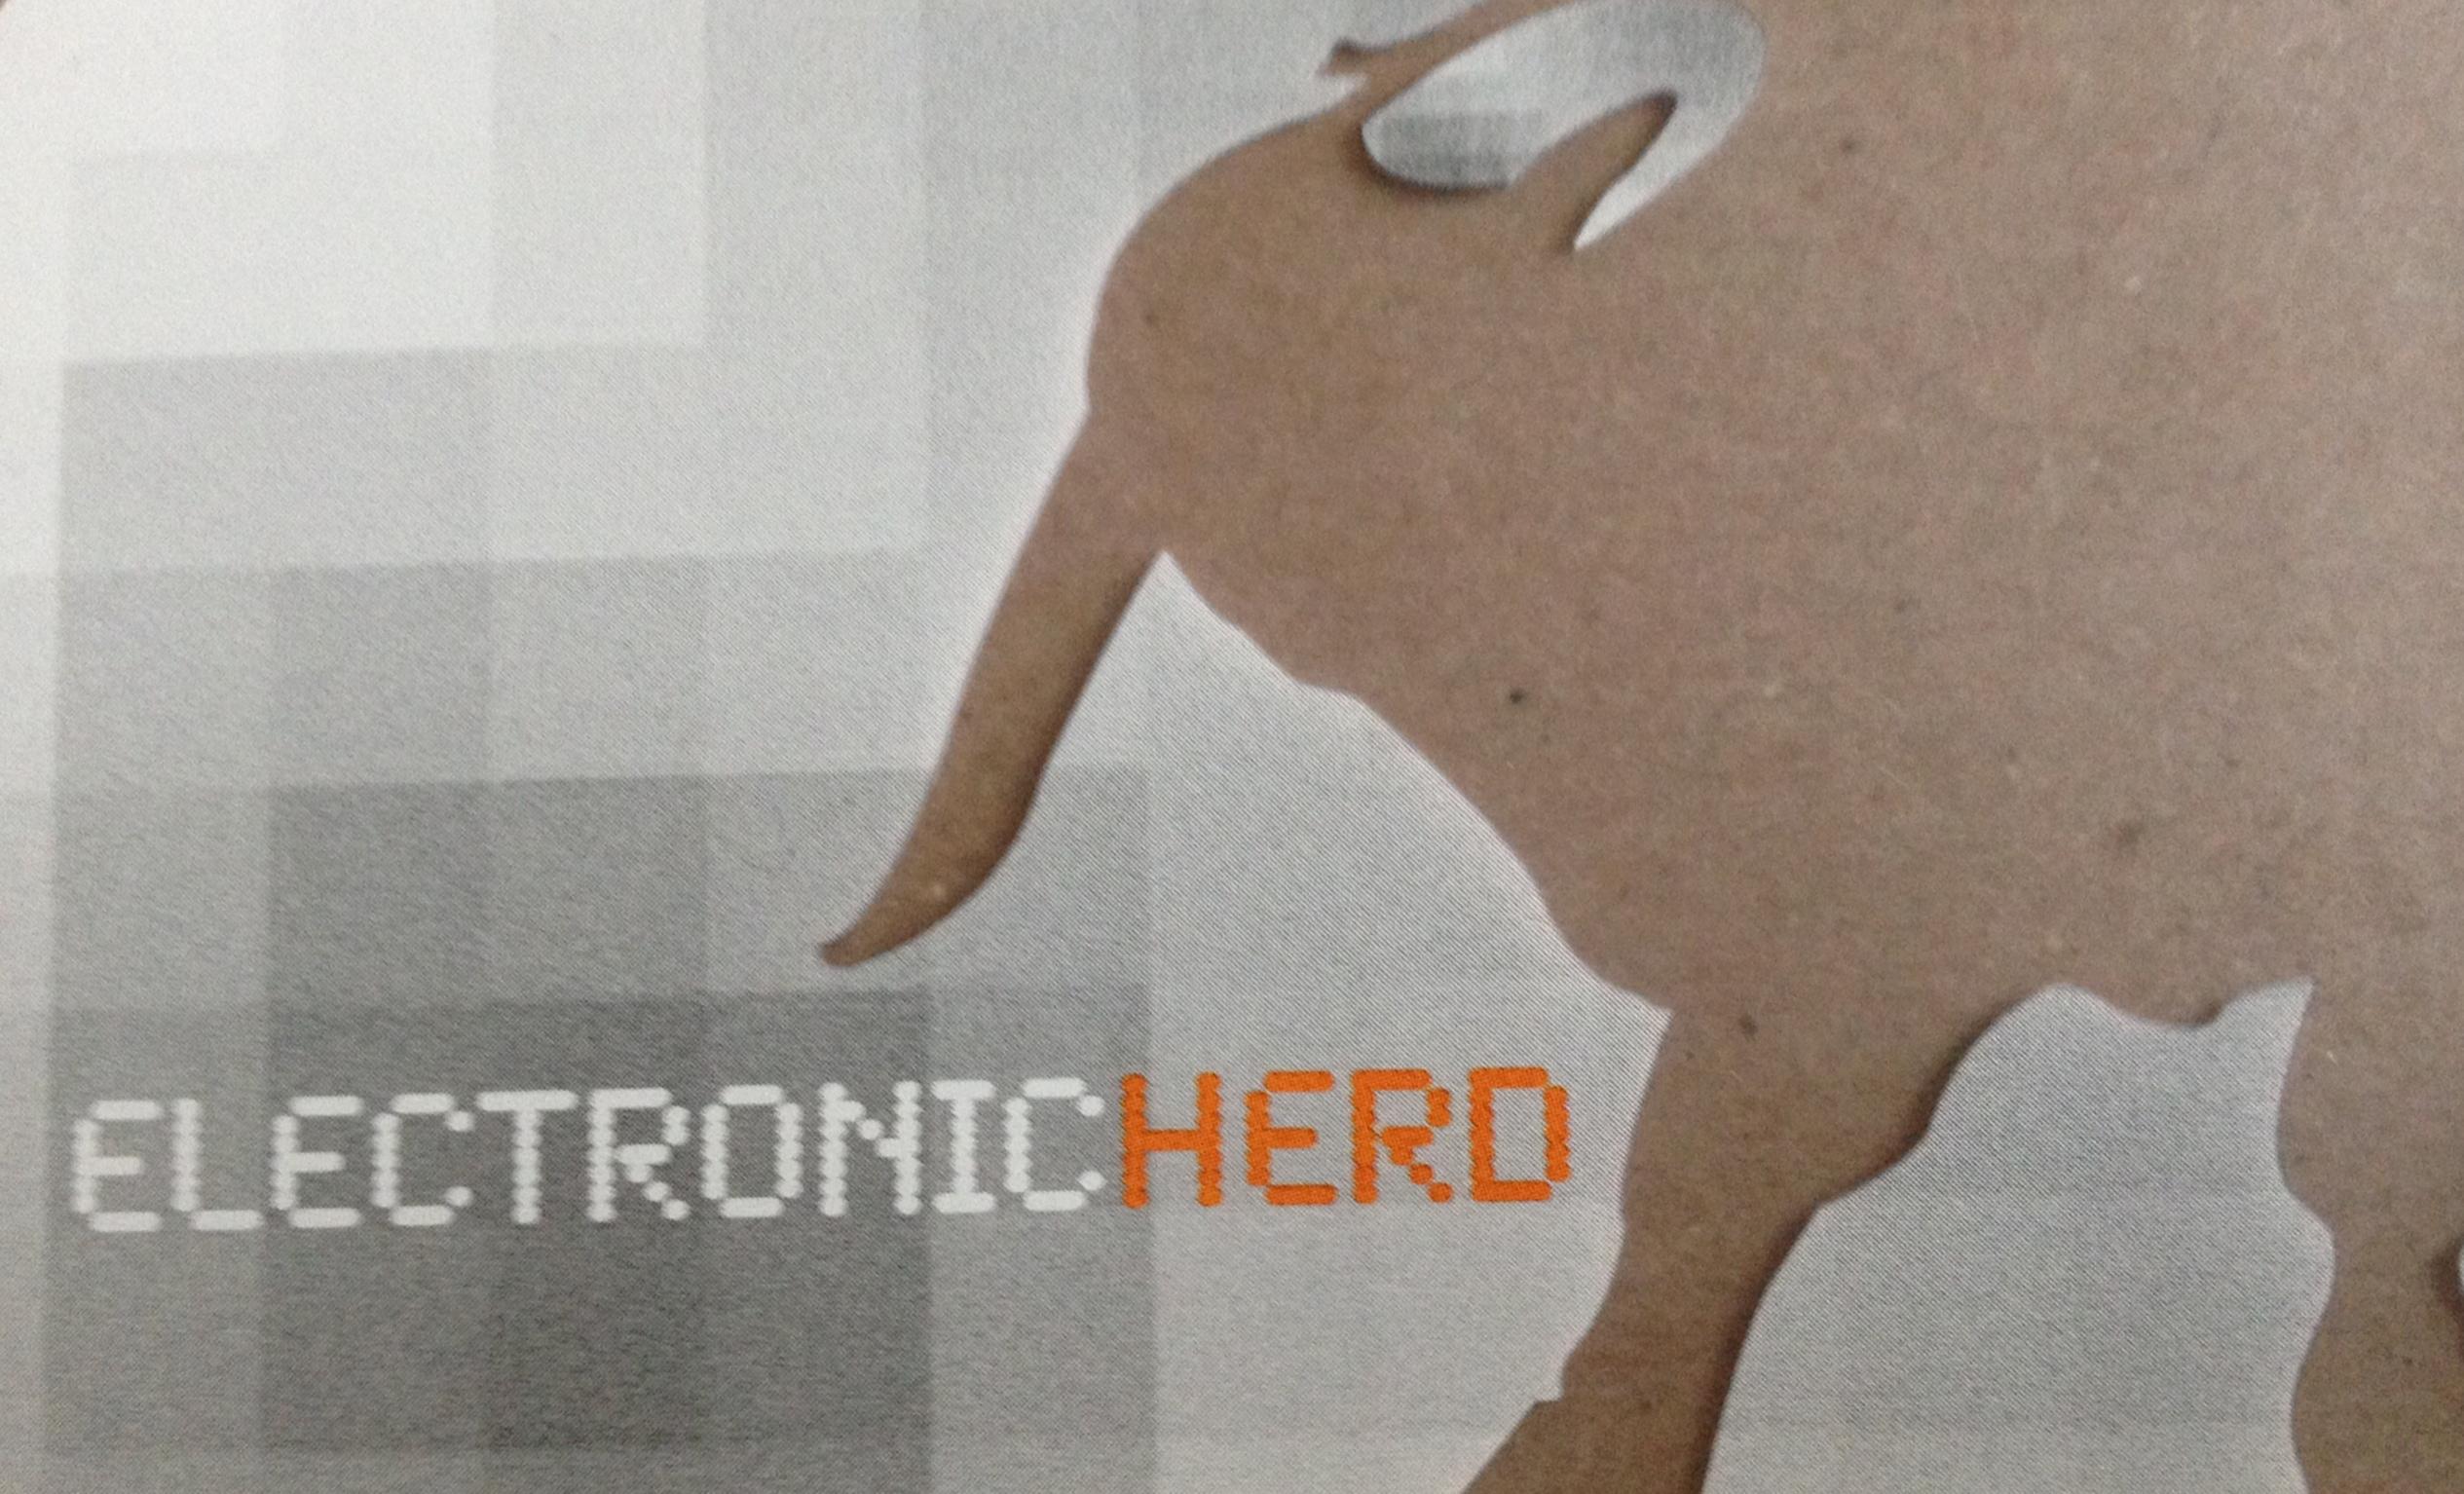 Electronic Herd